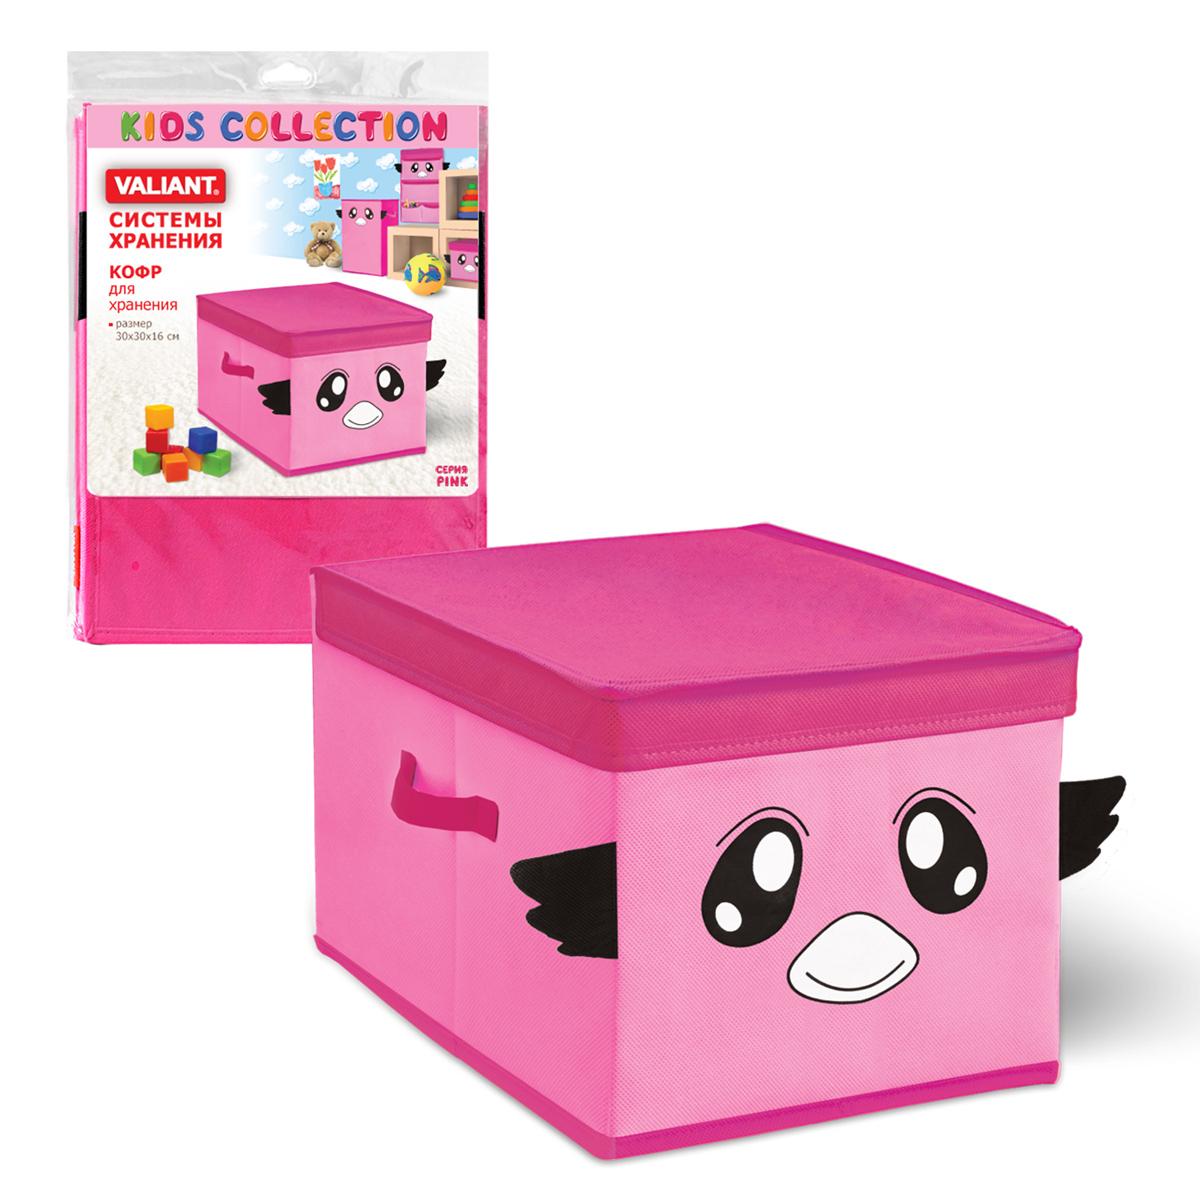 VAL PNK-04 Короб для хранения с крышкой, 30*40*25 см, цвет: розовыйPNK-04VAL PNK-04 Короб для хранения с крышкой, 30*40*25 см Серия: Kids Collections